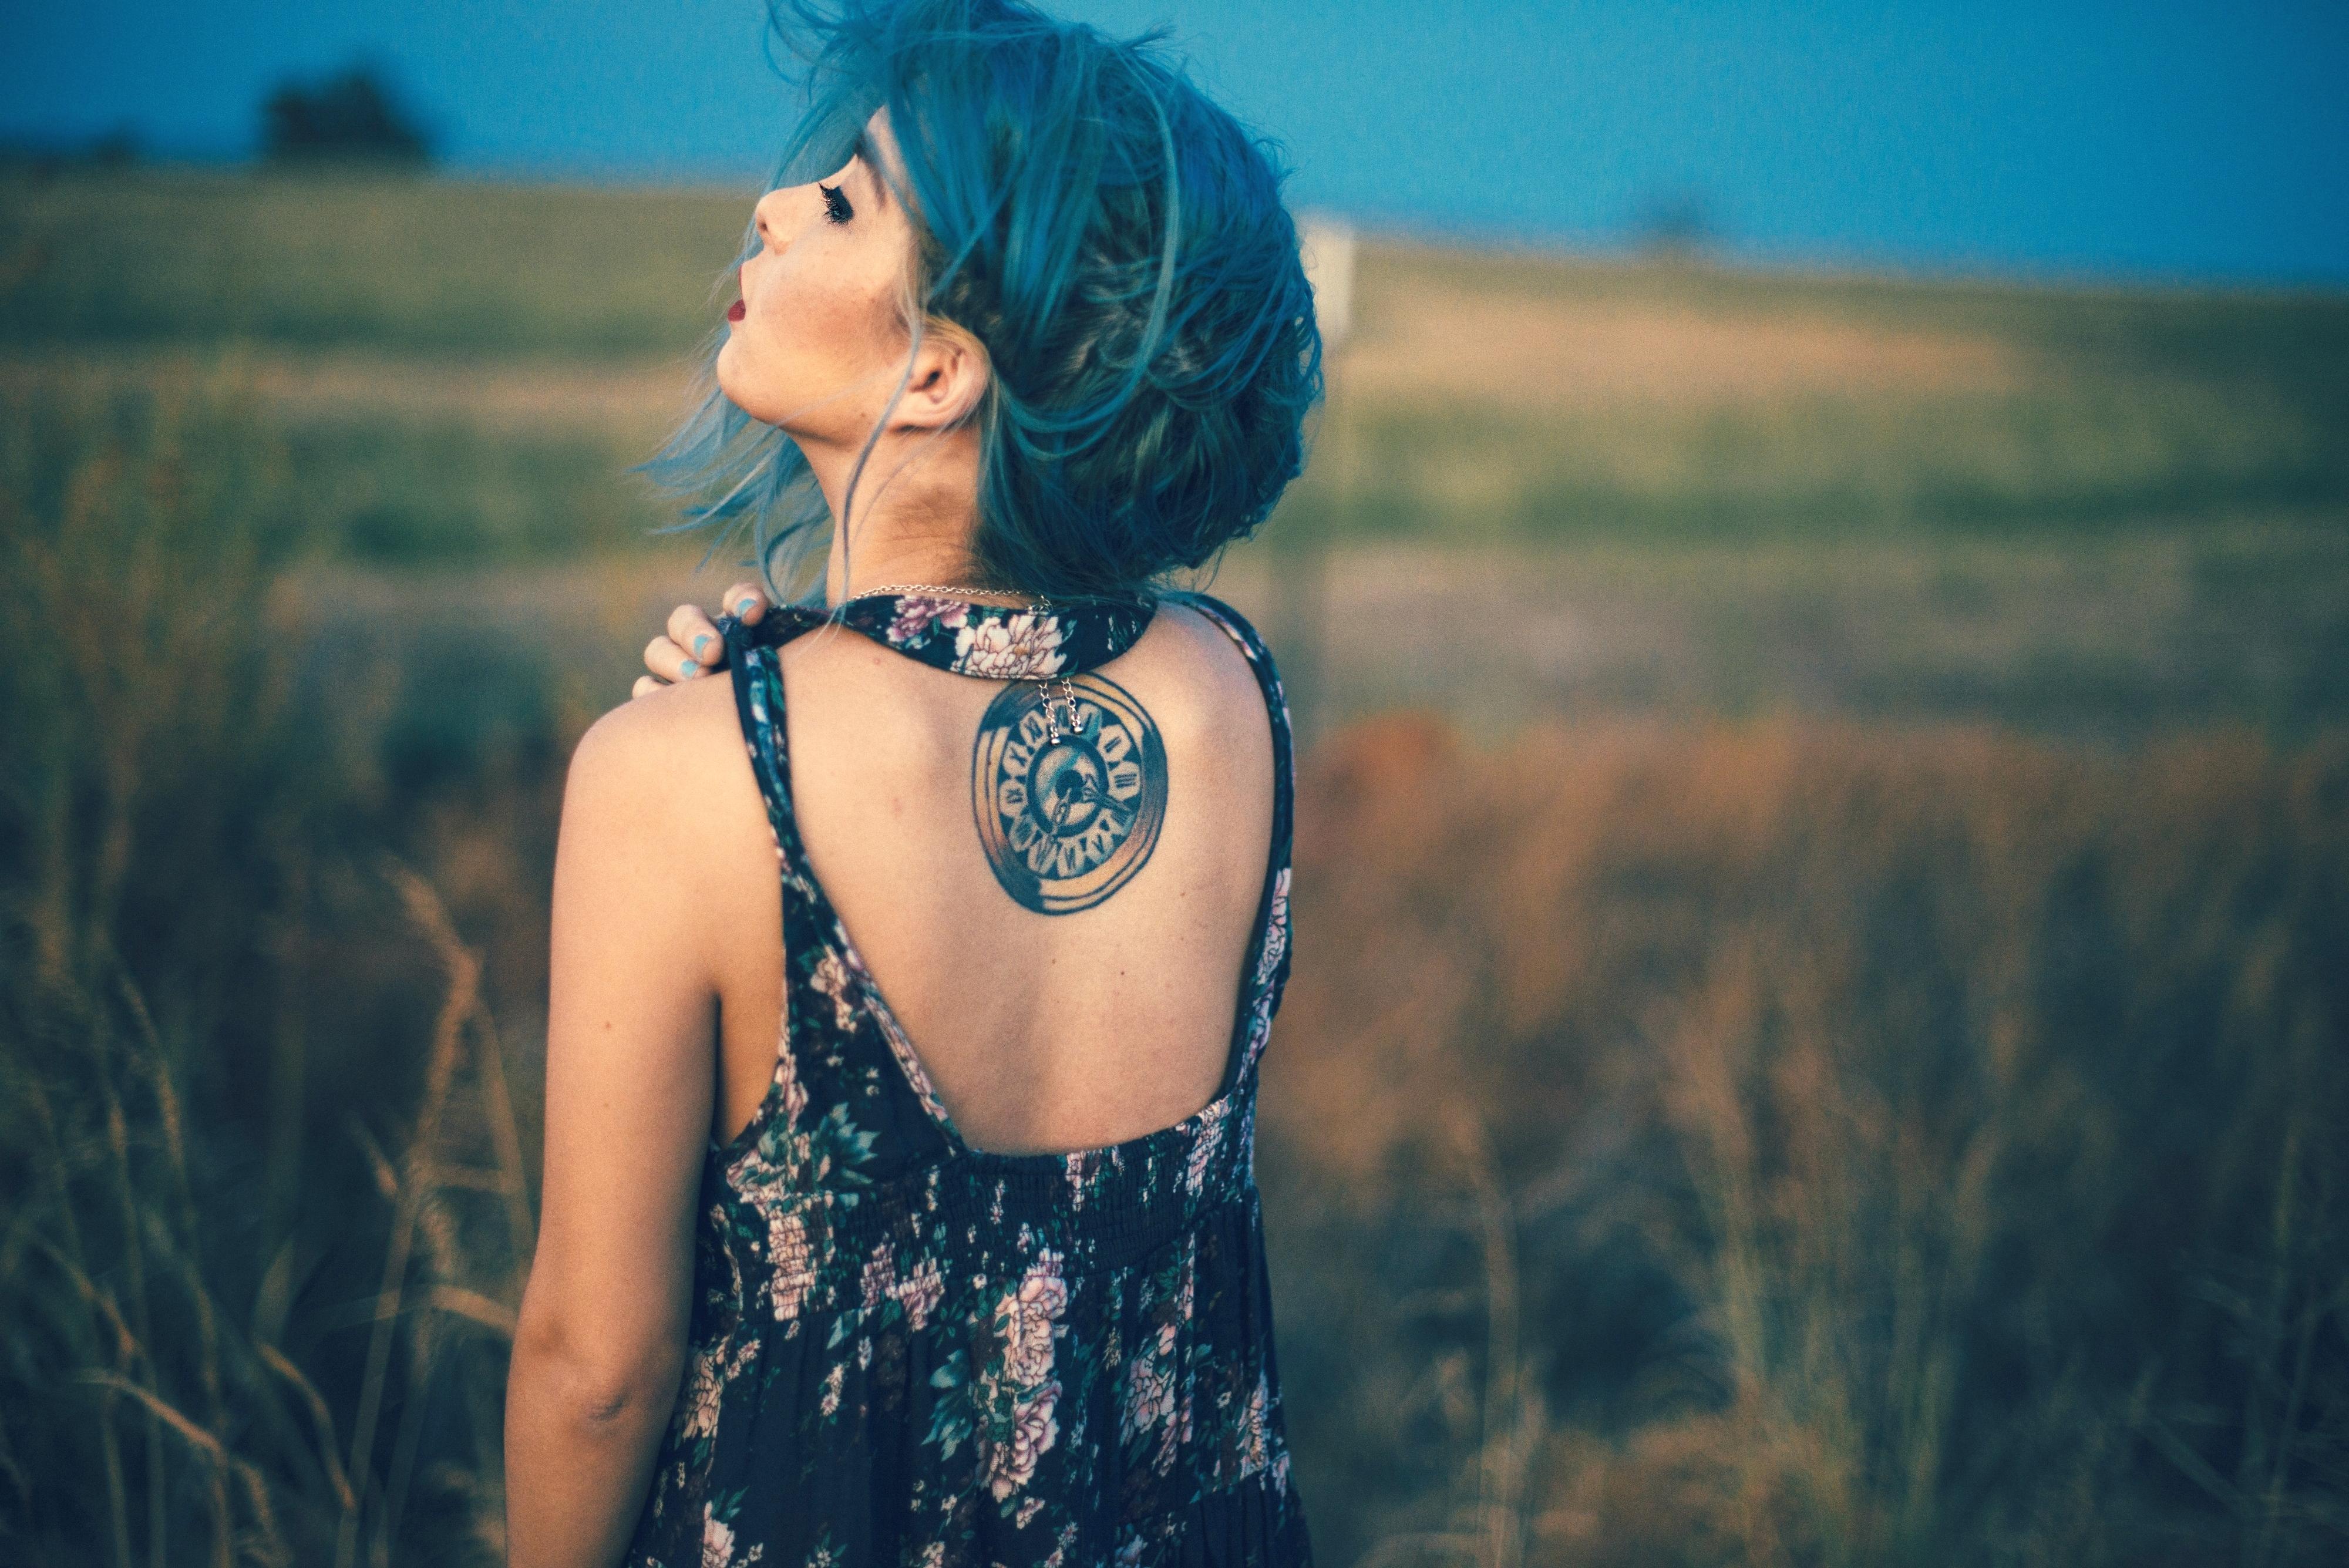 Картинка девушка со спины с татуировкой